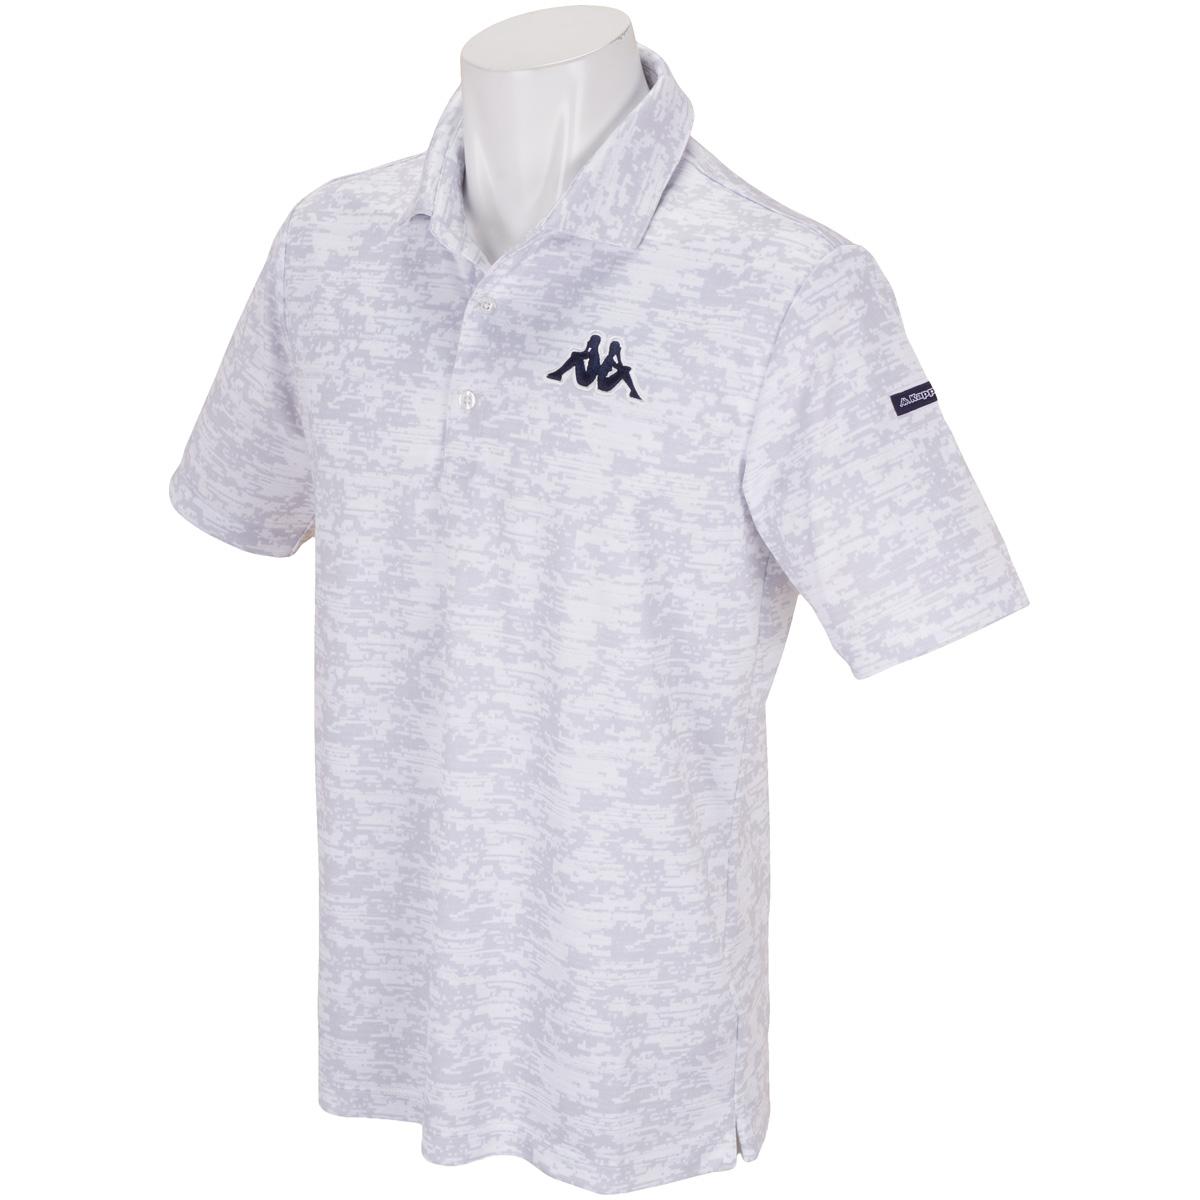 GDO限定 総柄プリント半袖ポロシャツ